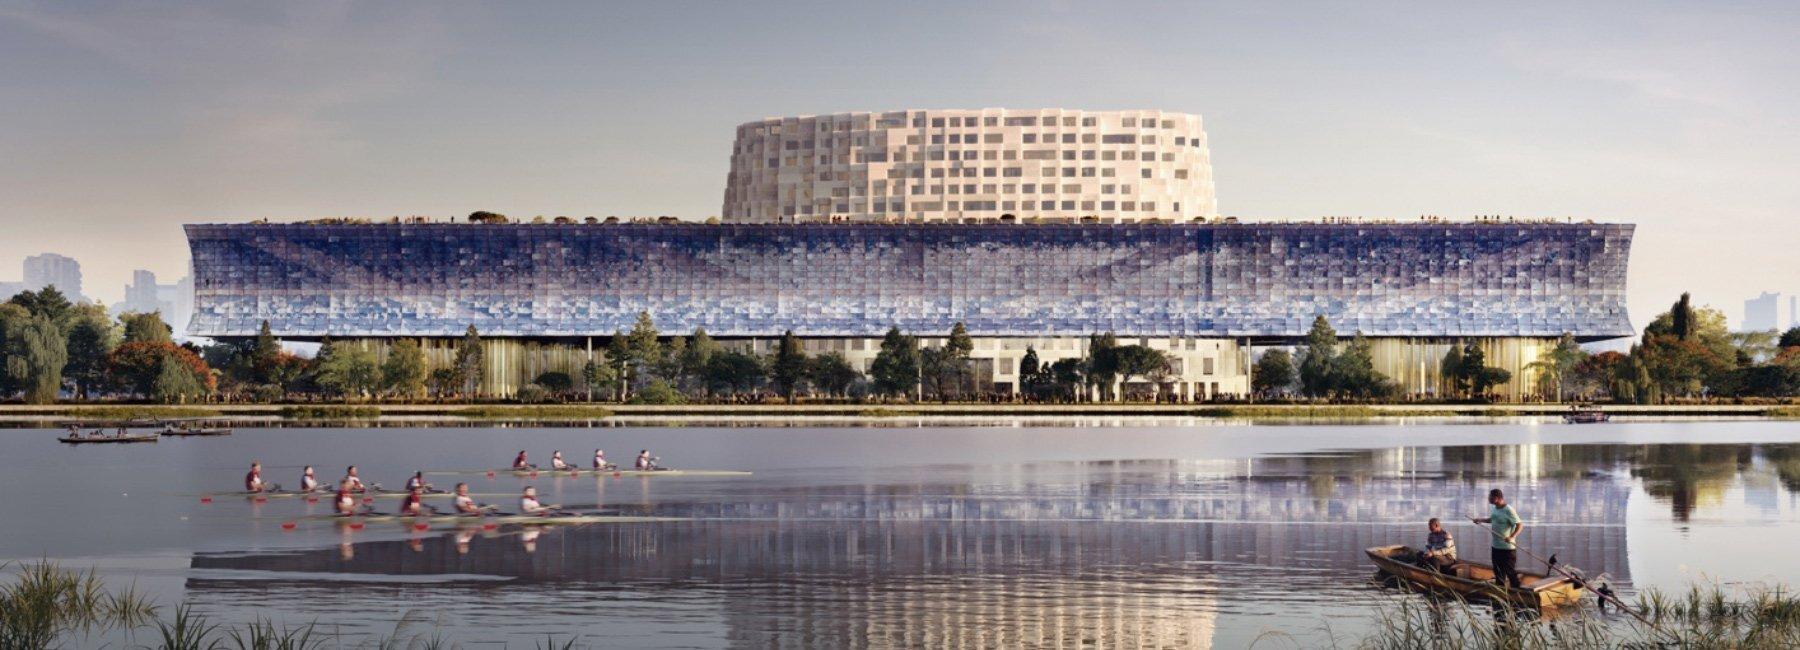 У Китаї вибрали переможний проєкт майбутнього мистецького центру